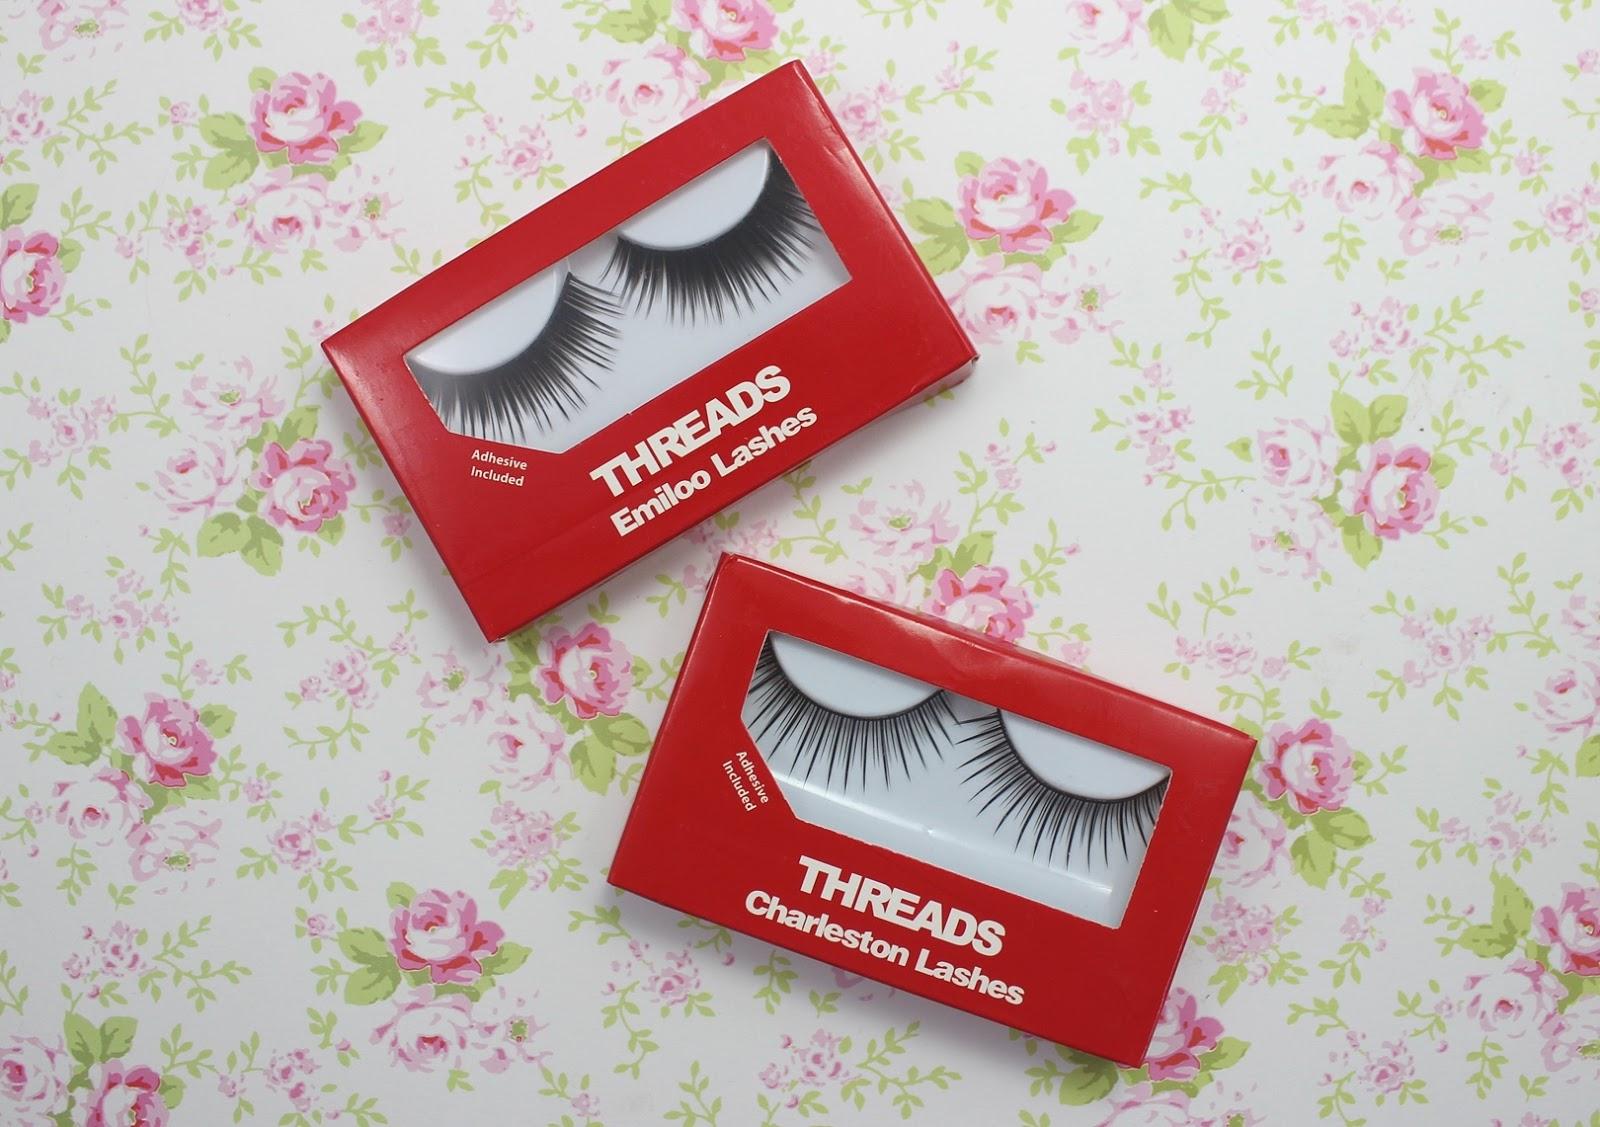 threads eyelashes